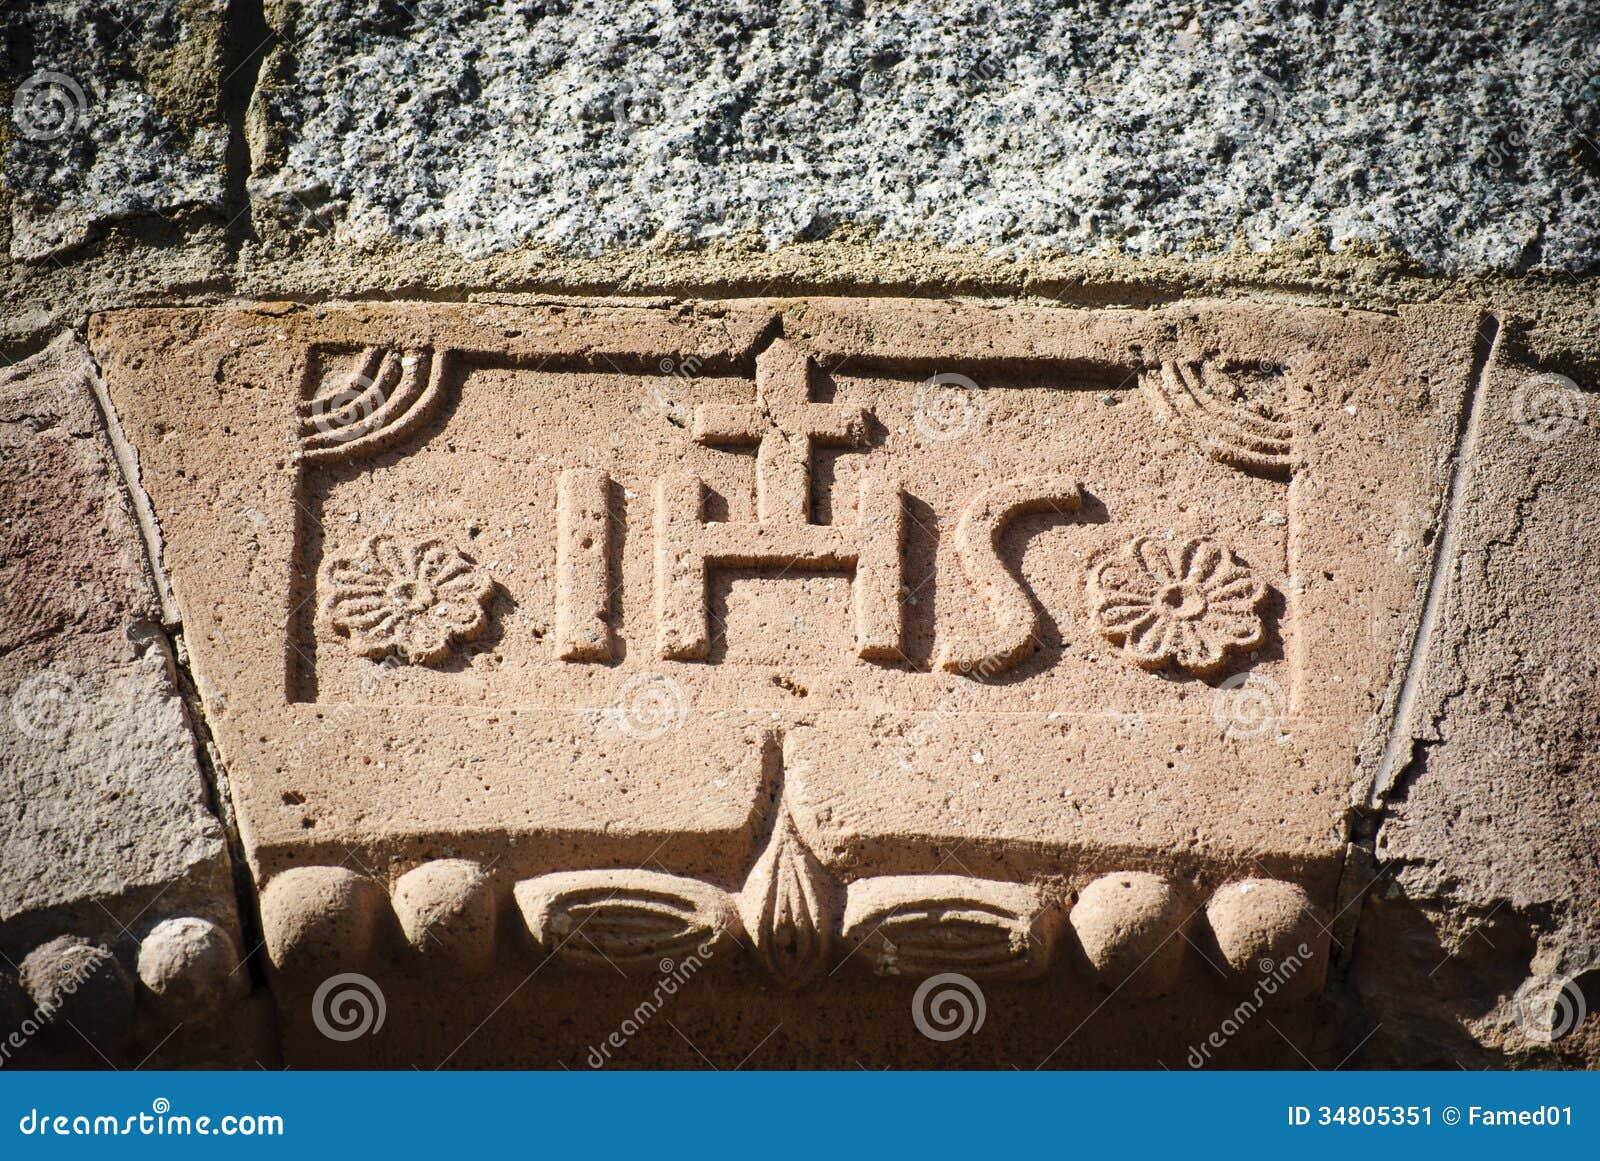 教会的Sardinia.Inscription